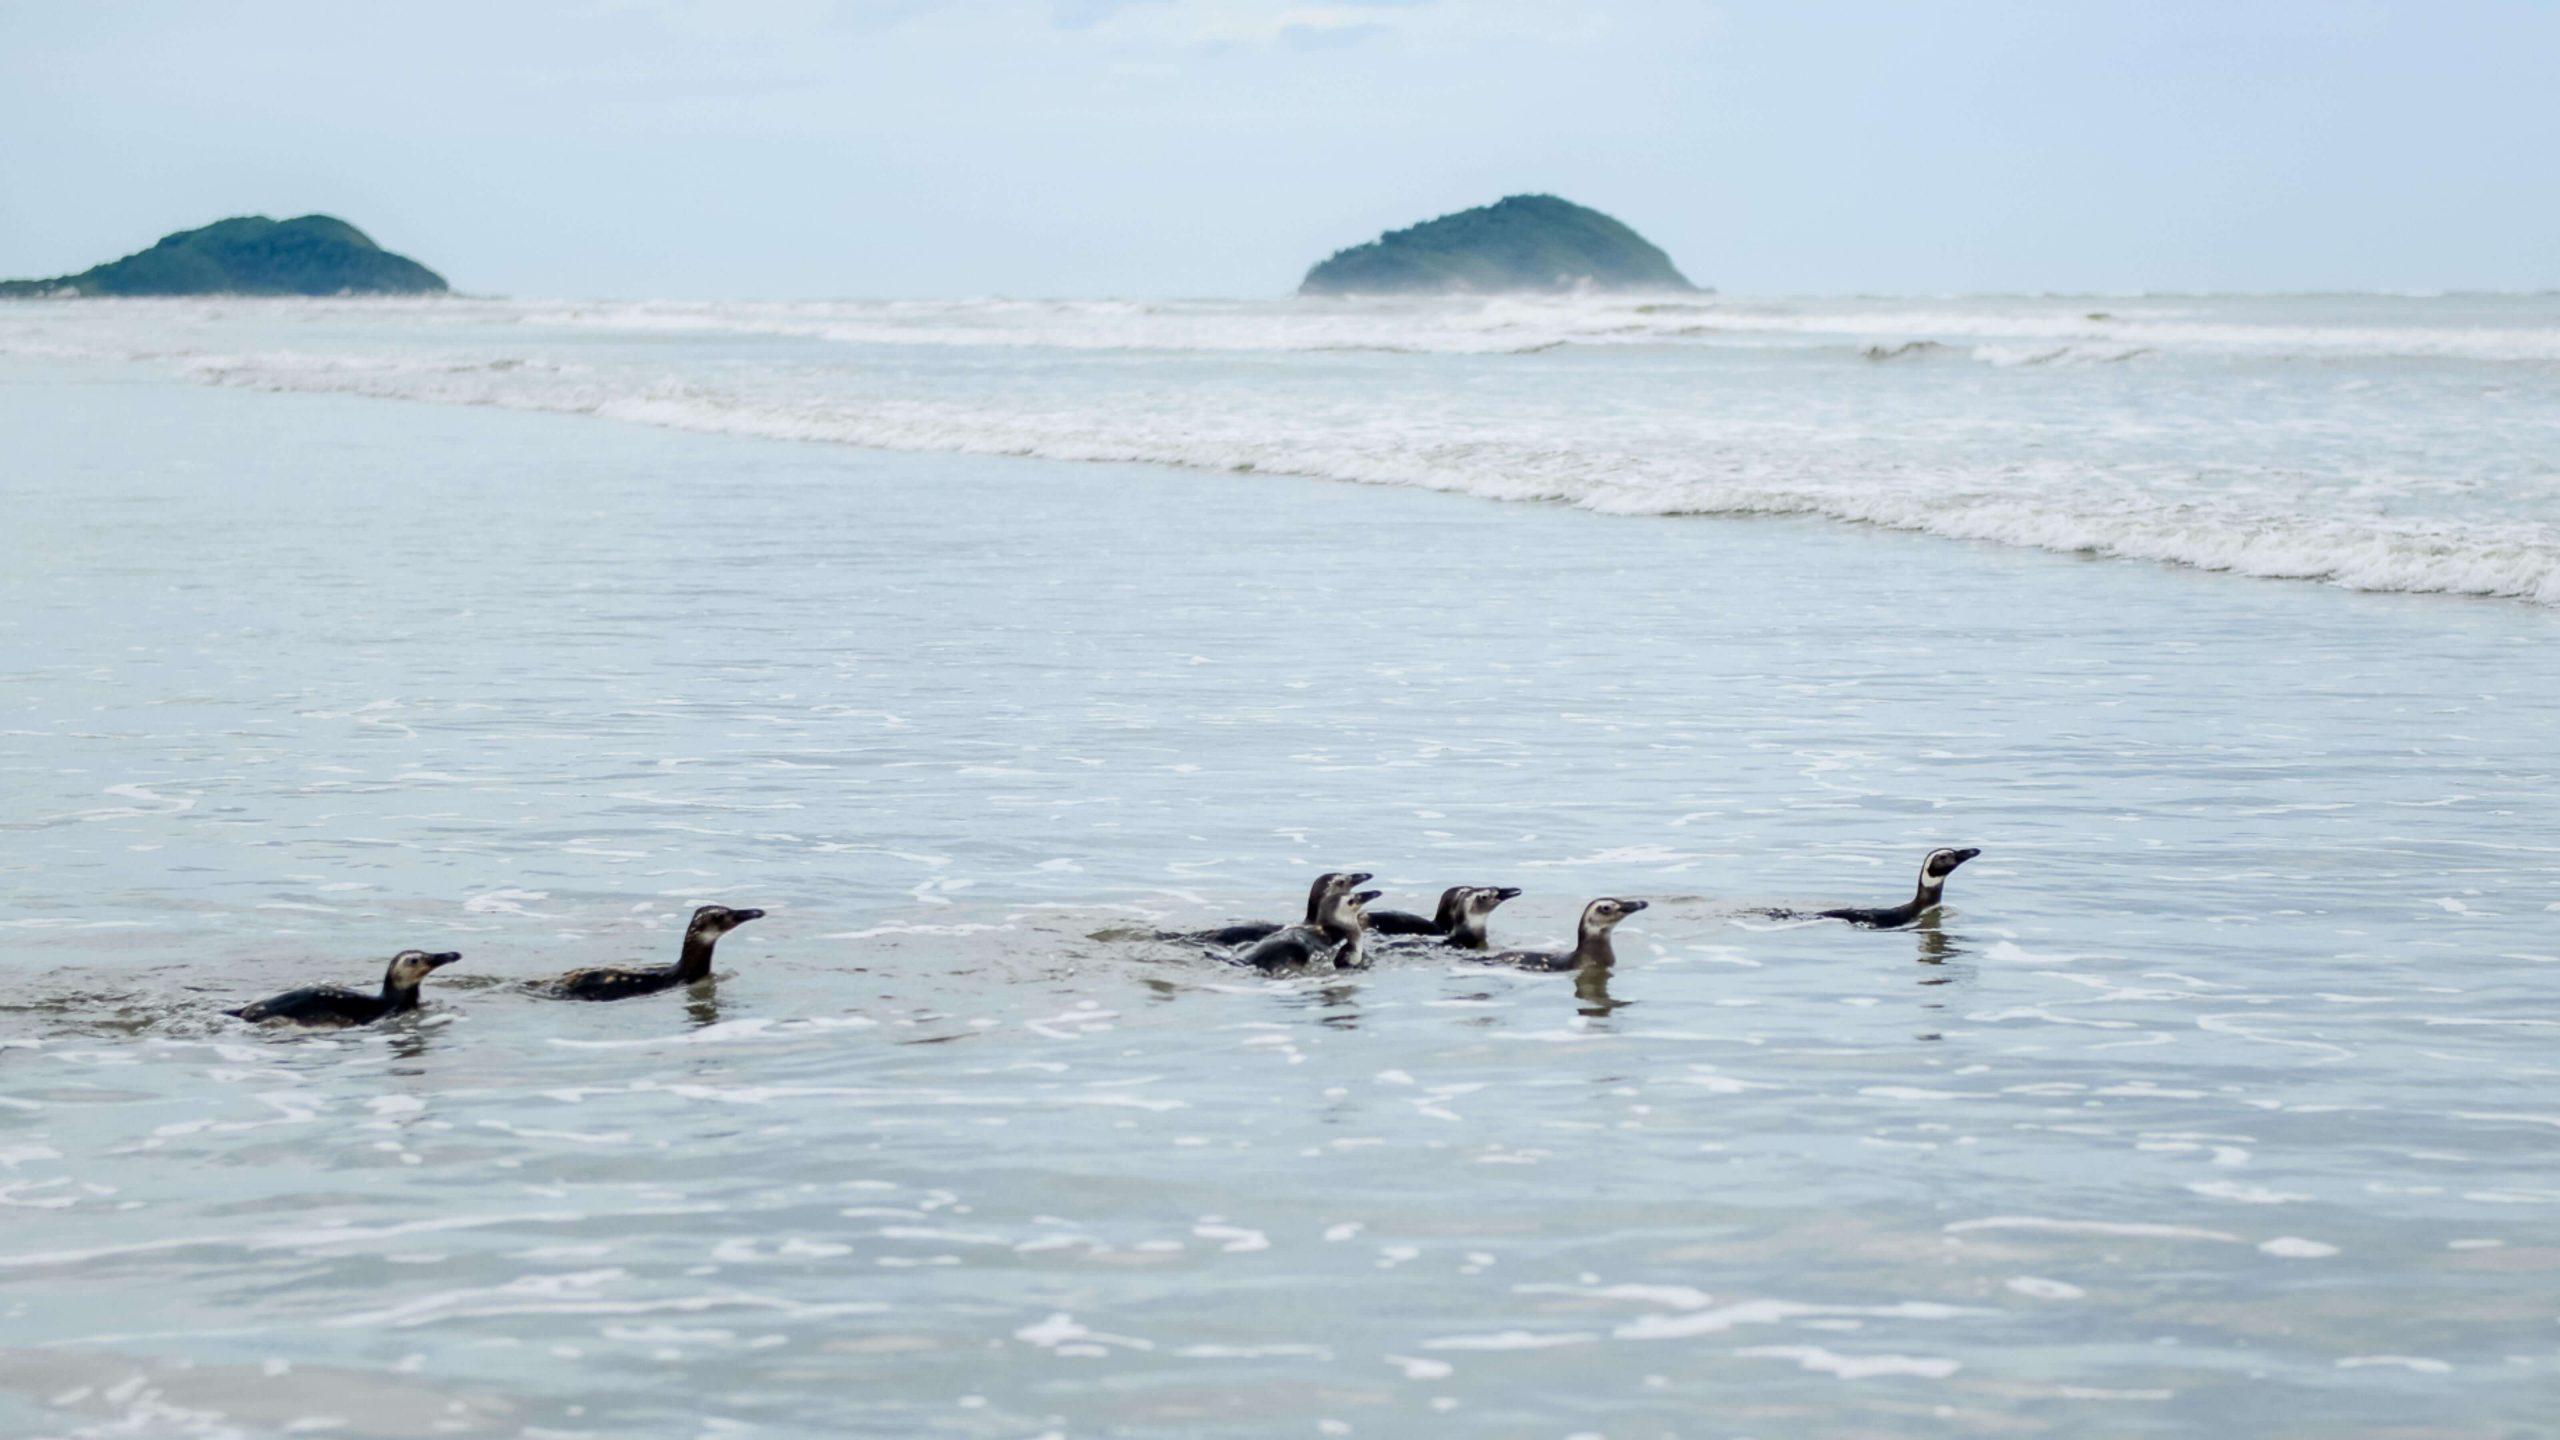 Soltura de pinguins-de-magalhães reabilitados. Foto Marcos Solivan Sucom UFPR 2020